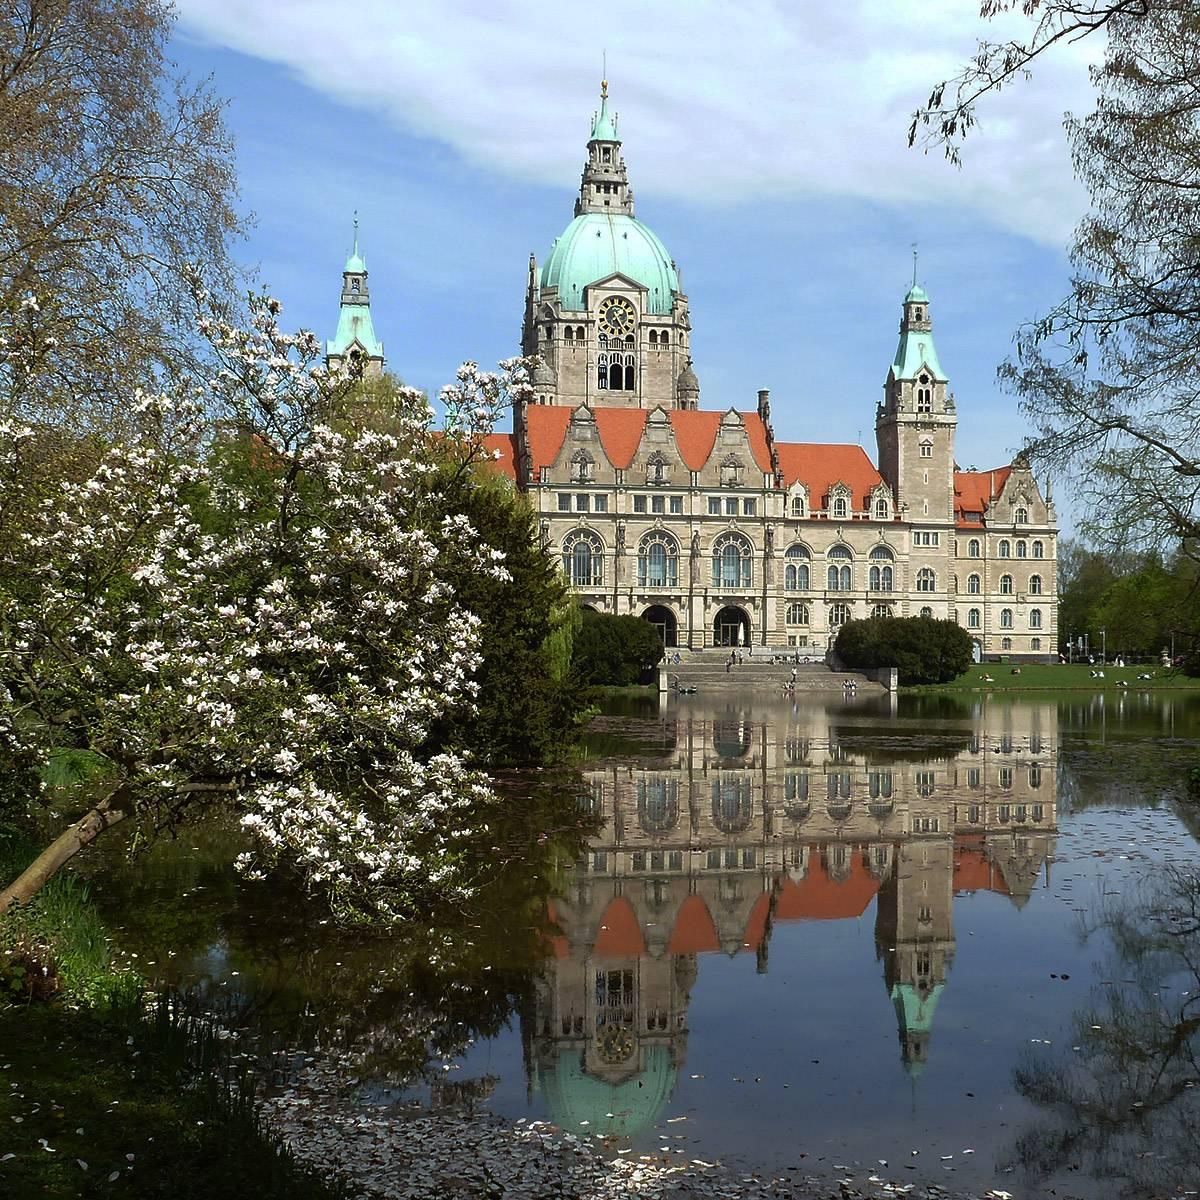 Ганновер, германия: город и достопримечательности с фото